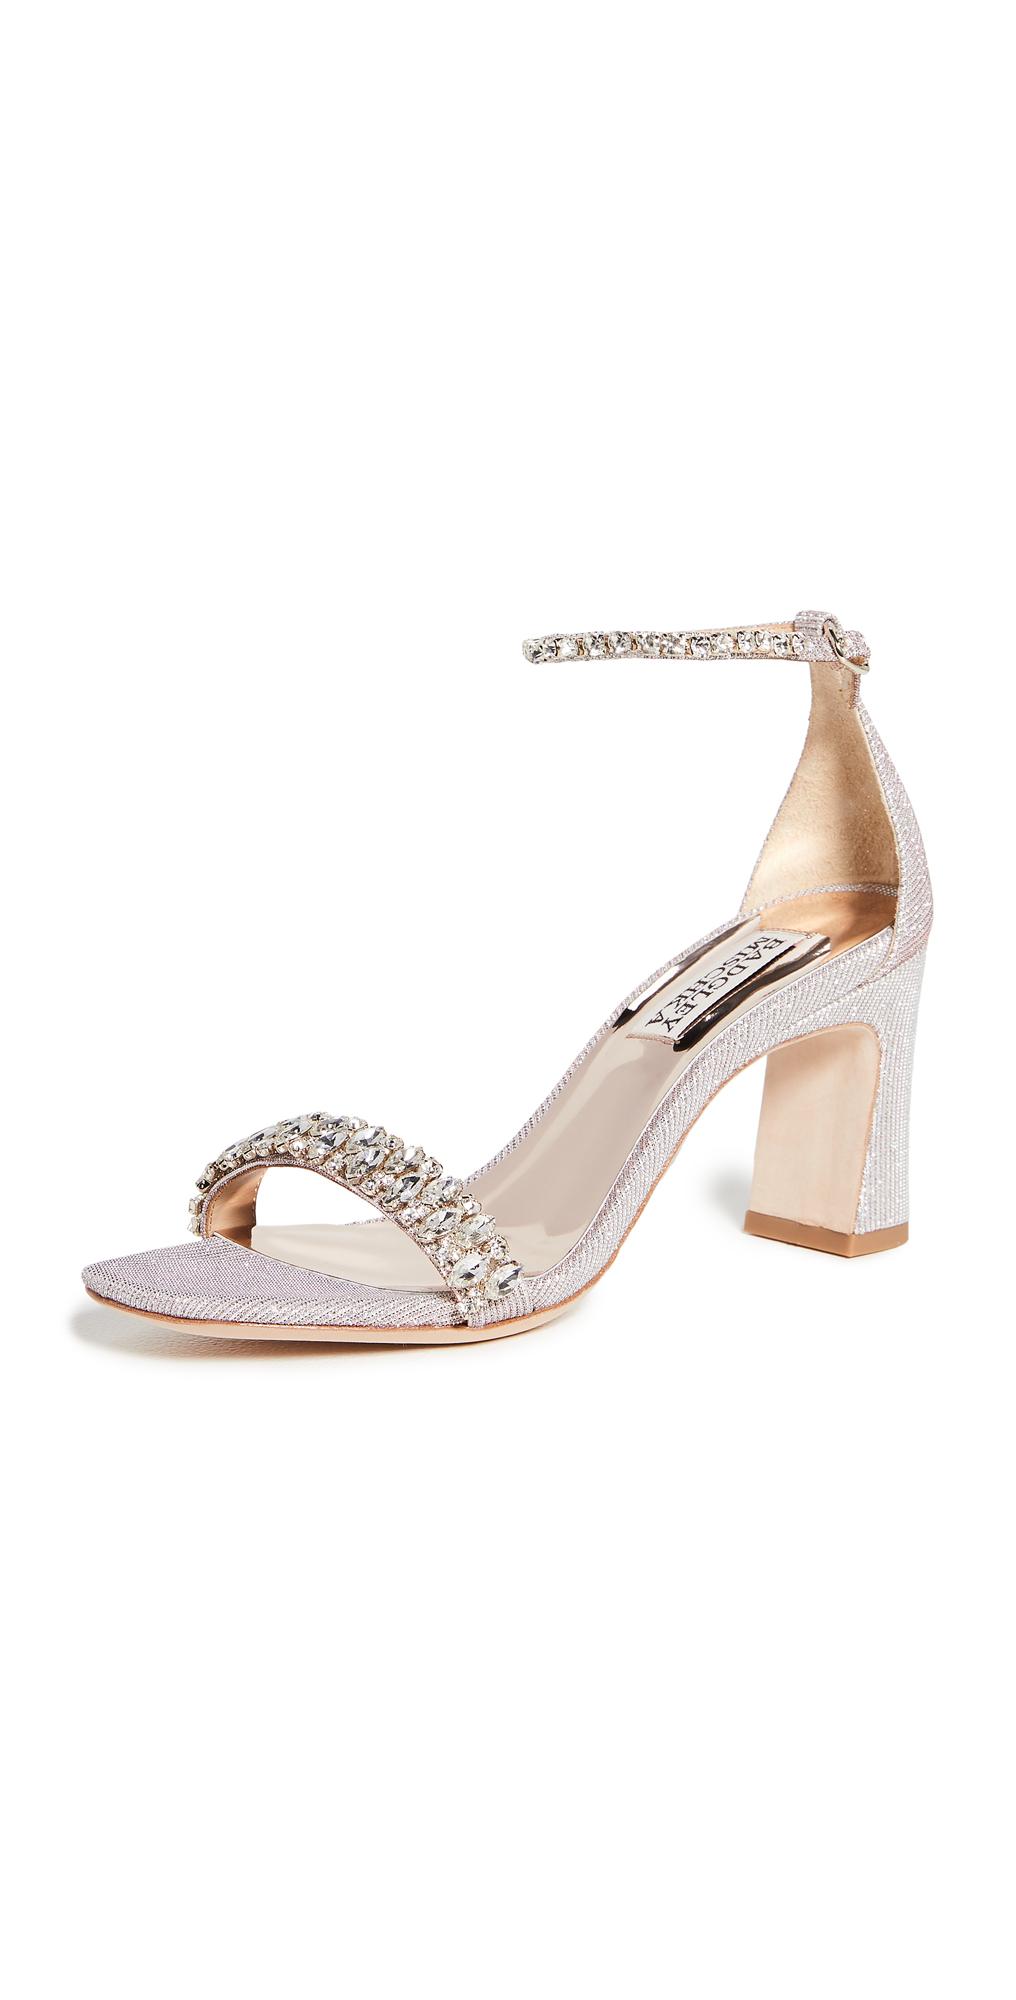 Badgley Mischka Harriet Ankle Strap Sandals